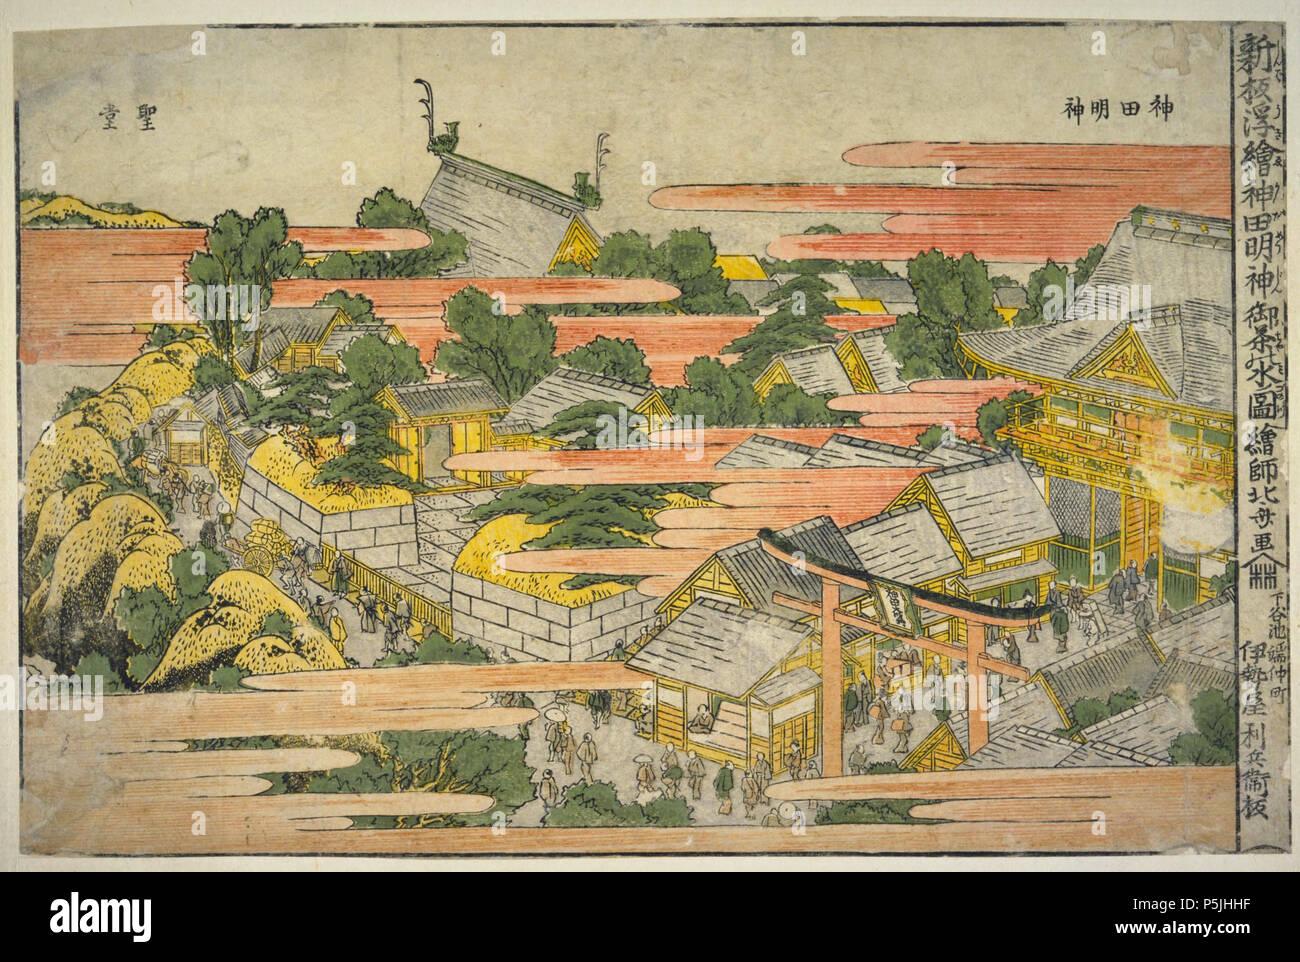 Ukie Shinban Kanda myojin Ochanomizu no zu ( vista di kanda myojin e Ochanomizu ), artista Katsushika Hokusai ( 1760 - 1849 ) Foto Stock